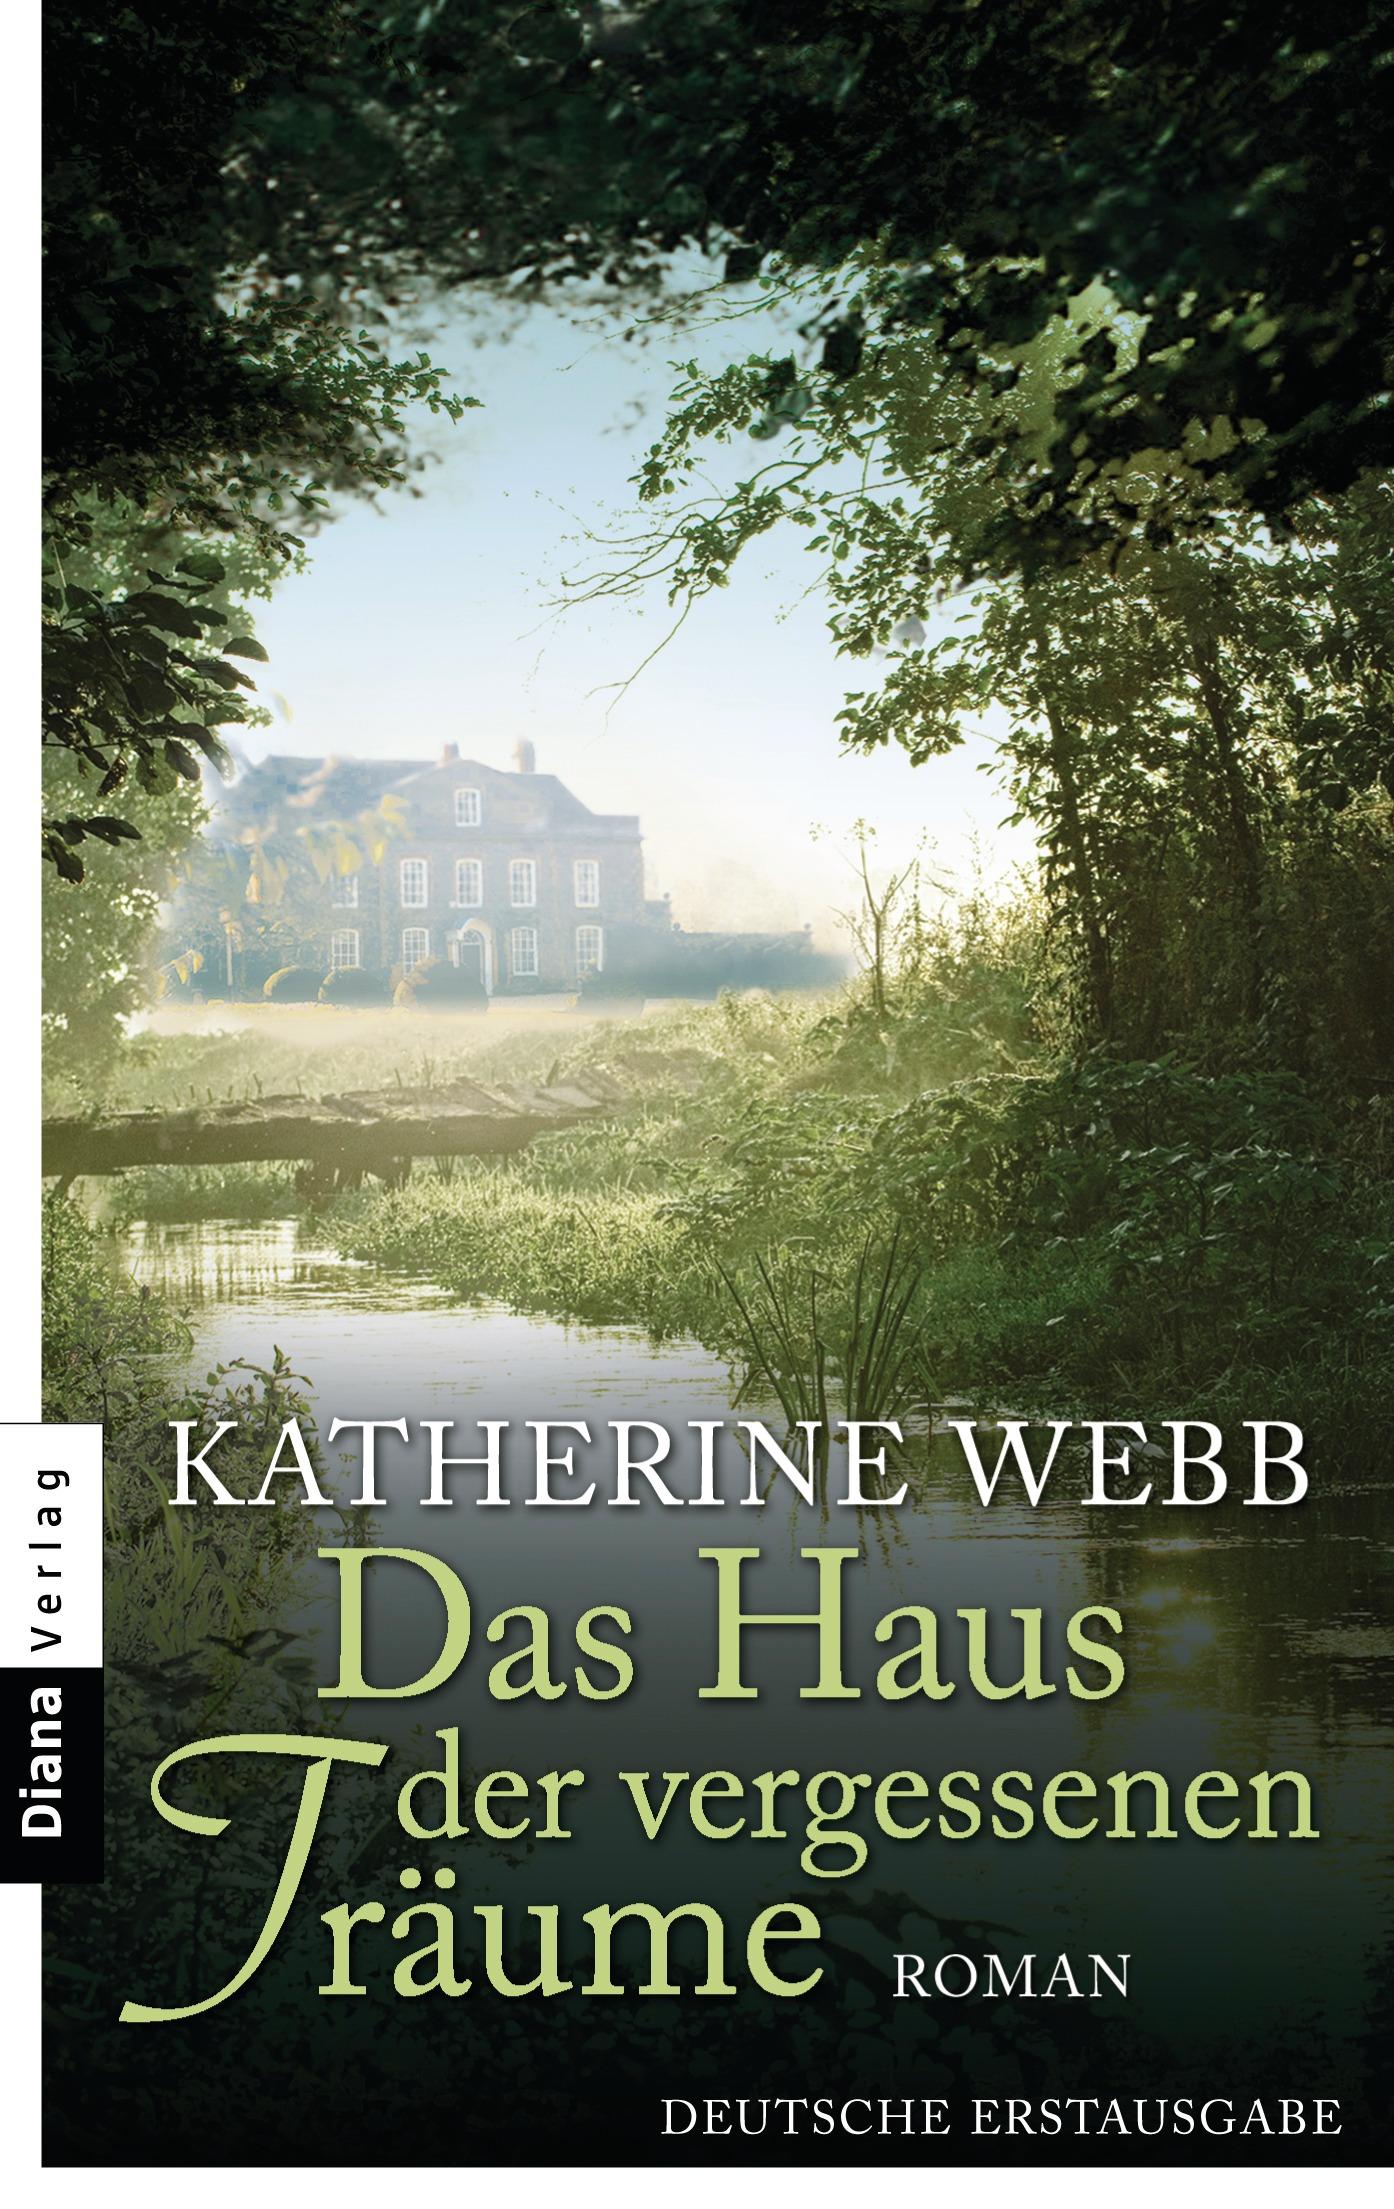 Das Haus der vergessenen Träume von Katherine Webb | Cover: Diana Verlag